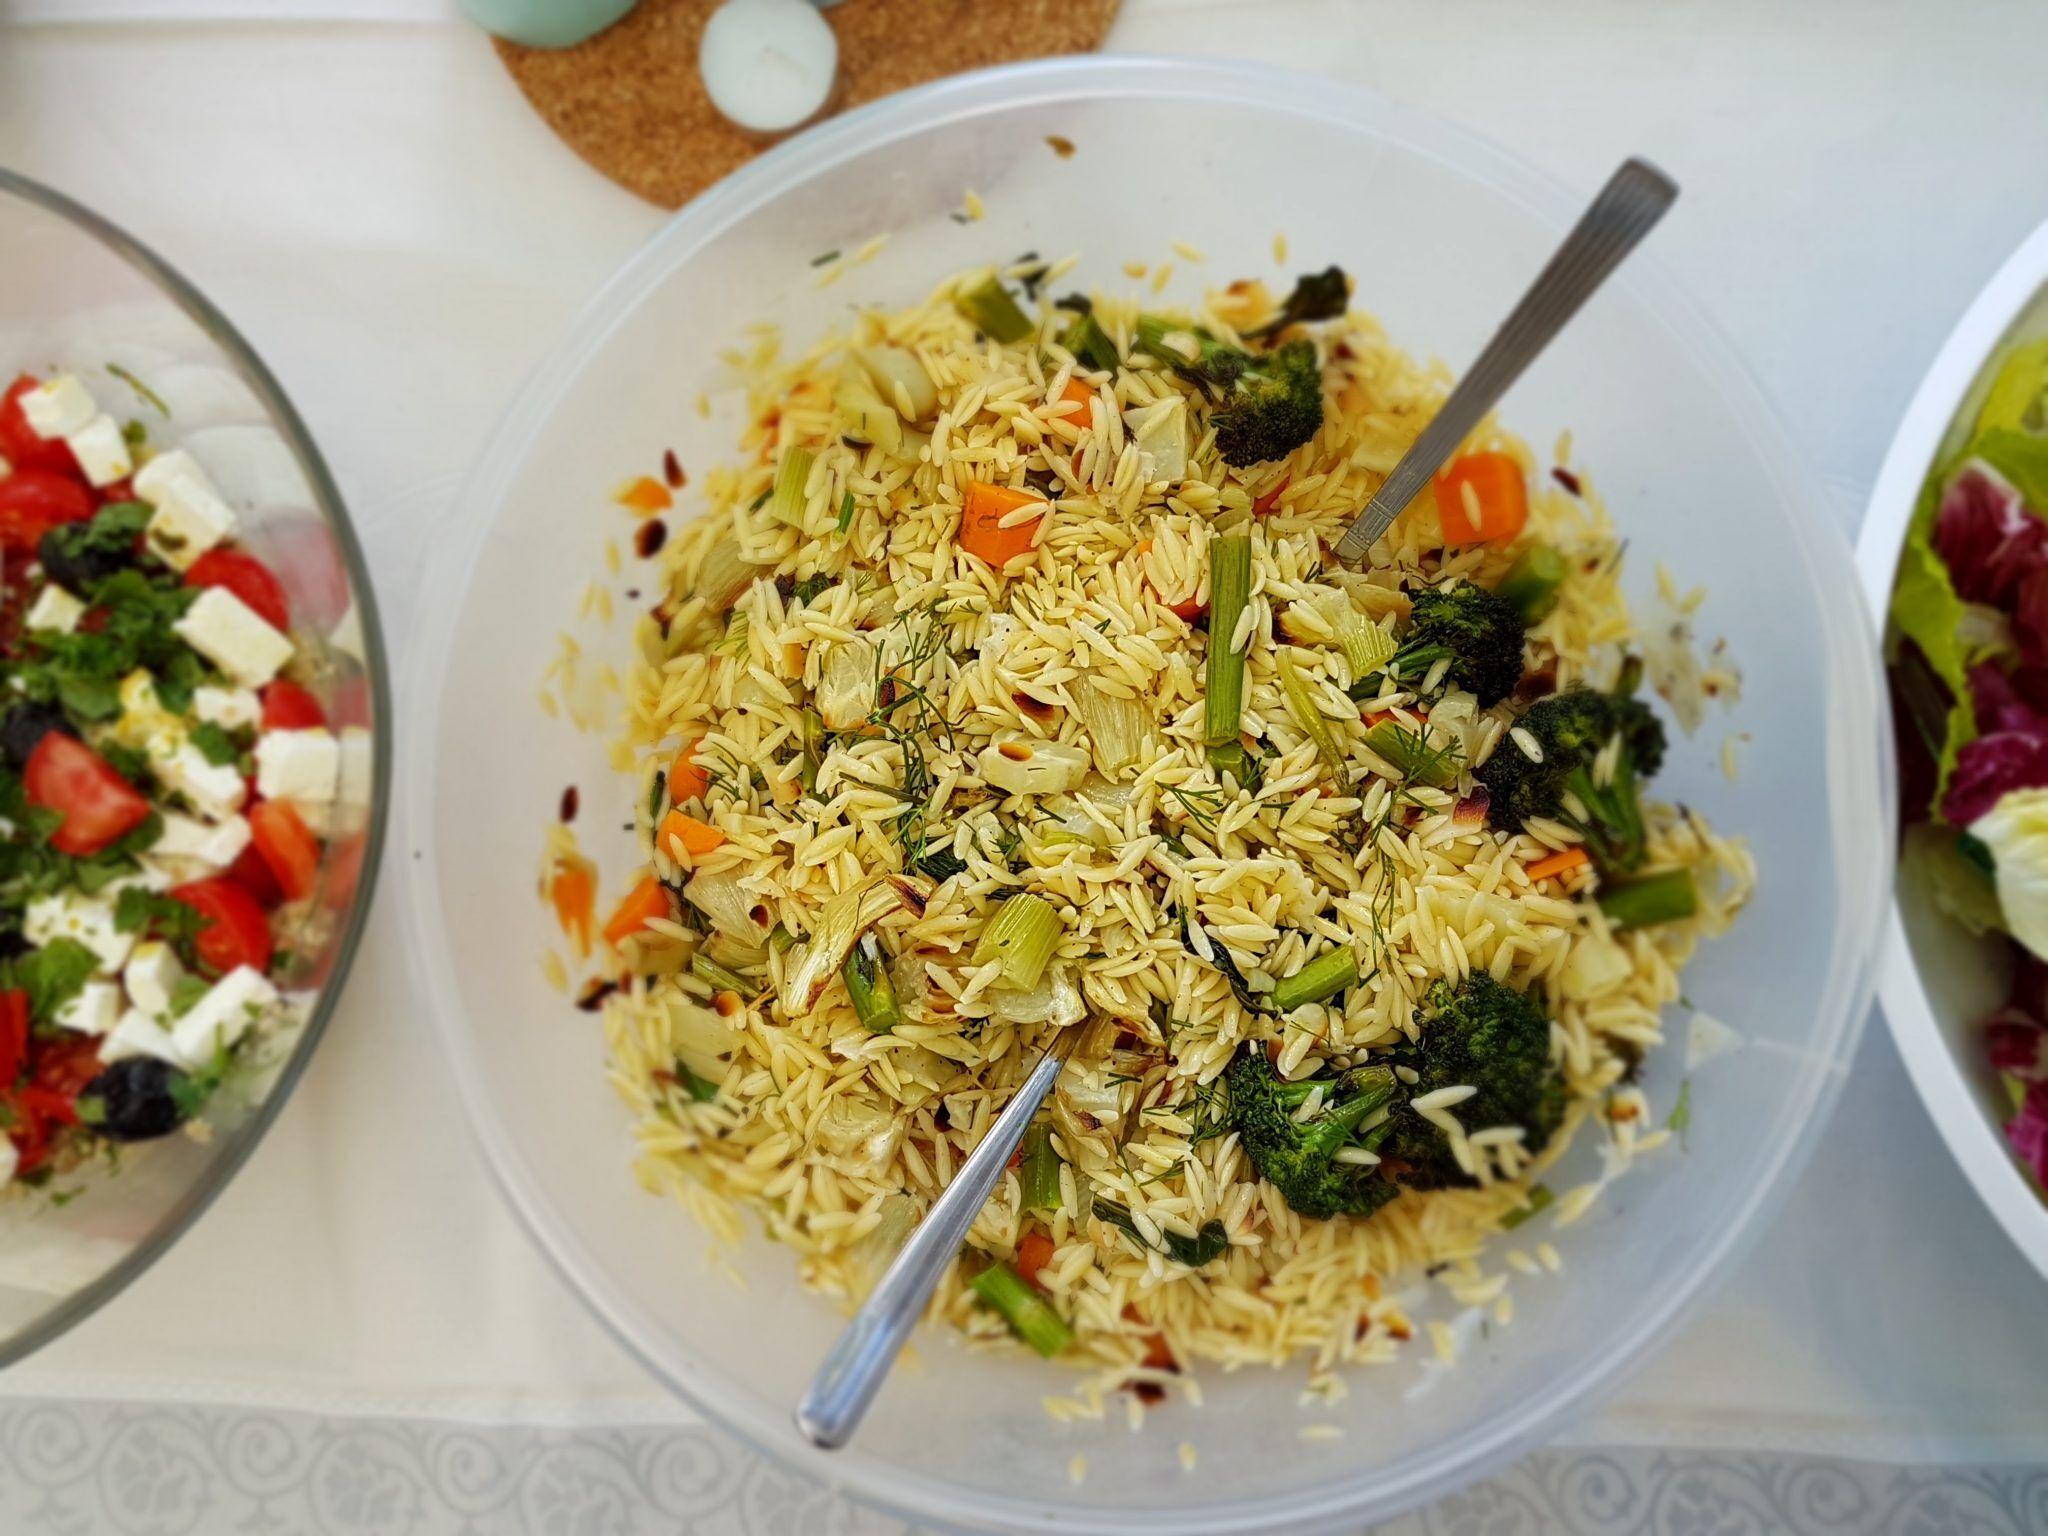 Salade d orzo aux l gumes grill s histoire de p tes - Recette legumes grilles au four ...